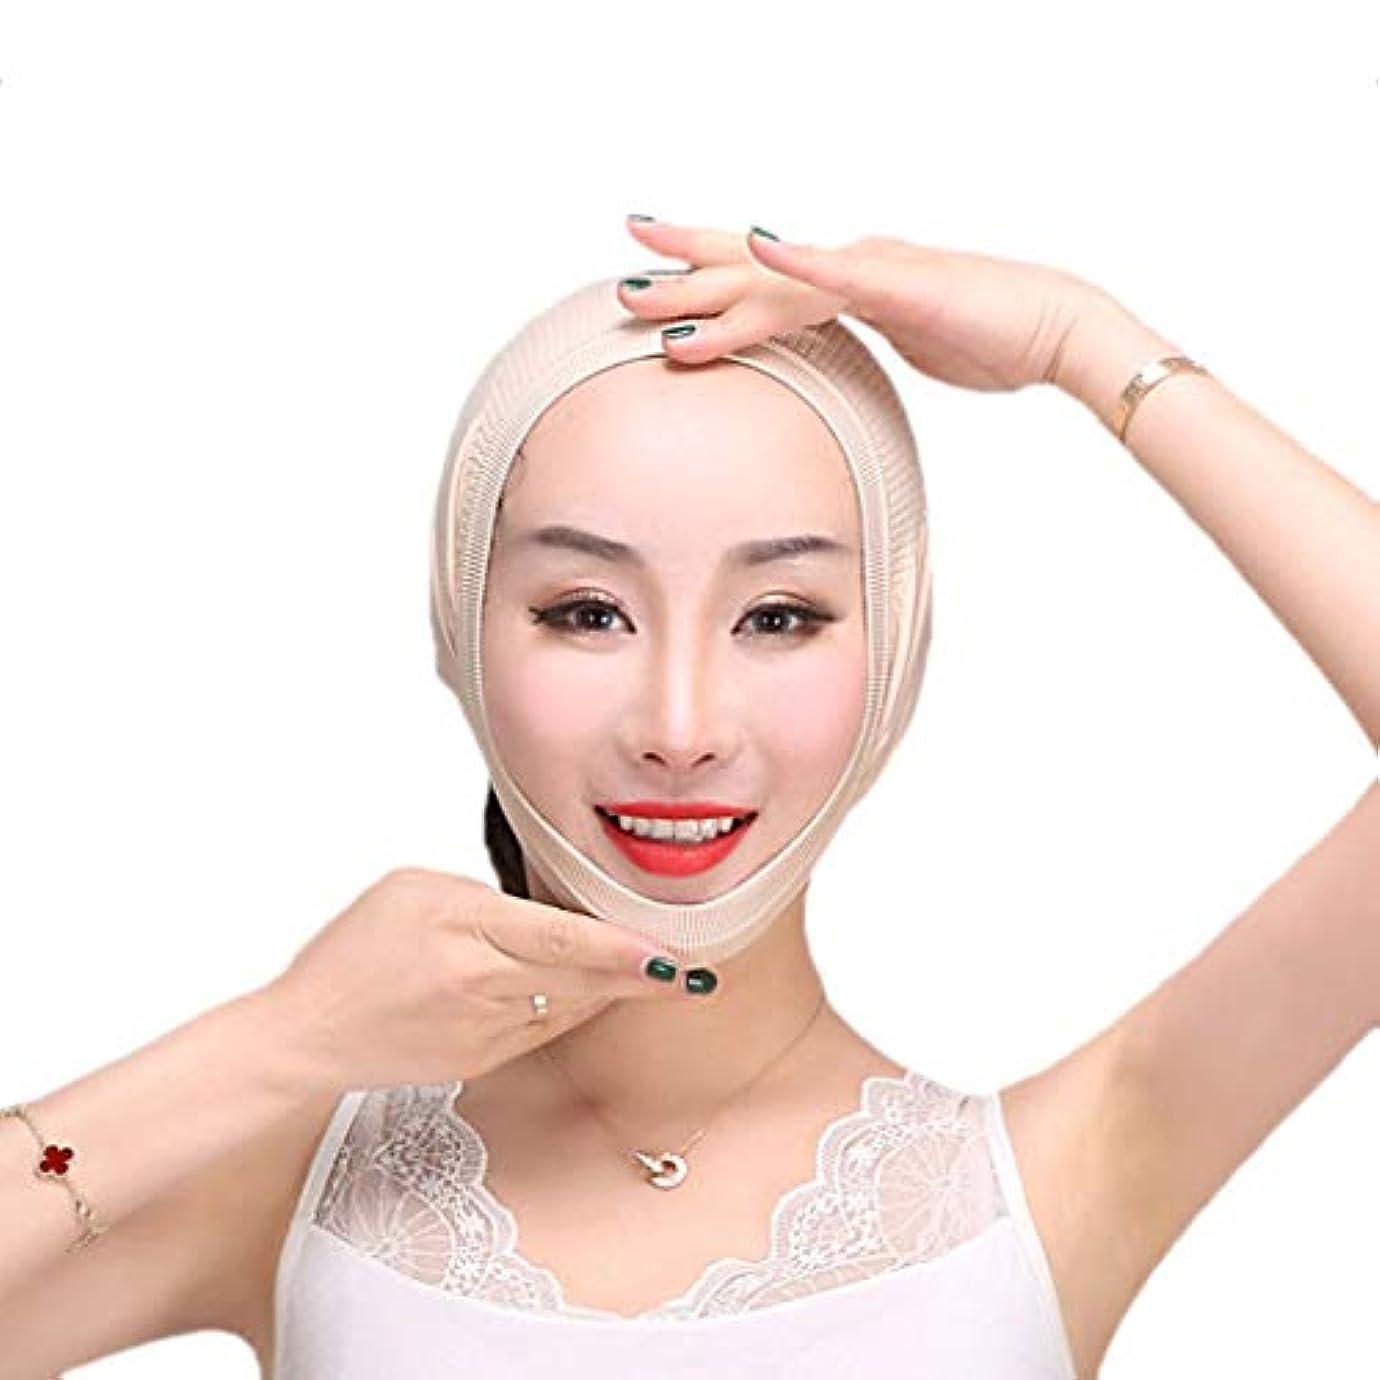 シャッターフィットネスリズミカルなフェイスリフトマスク、フェイススリミングマスク、チンストラップ、フェイスマッサージ、フェイシャル減量マスク、チンリフティングベルト(ワンサイズ)